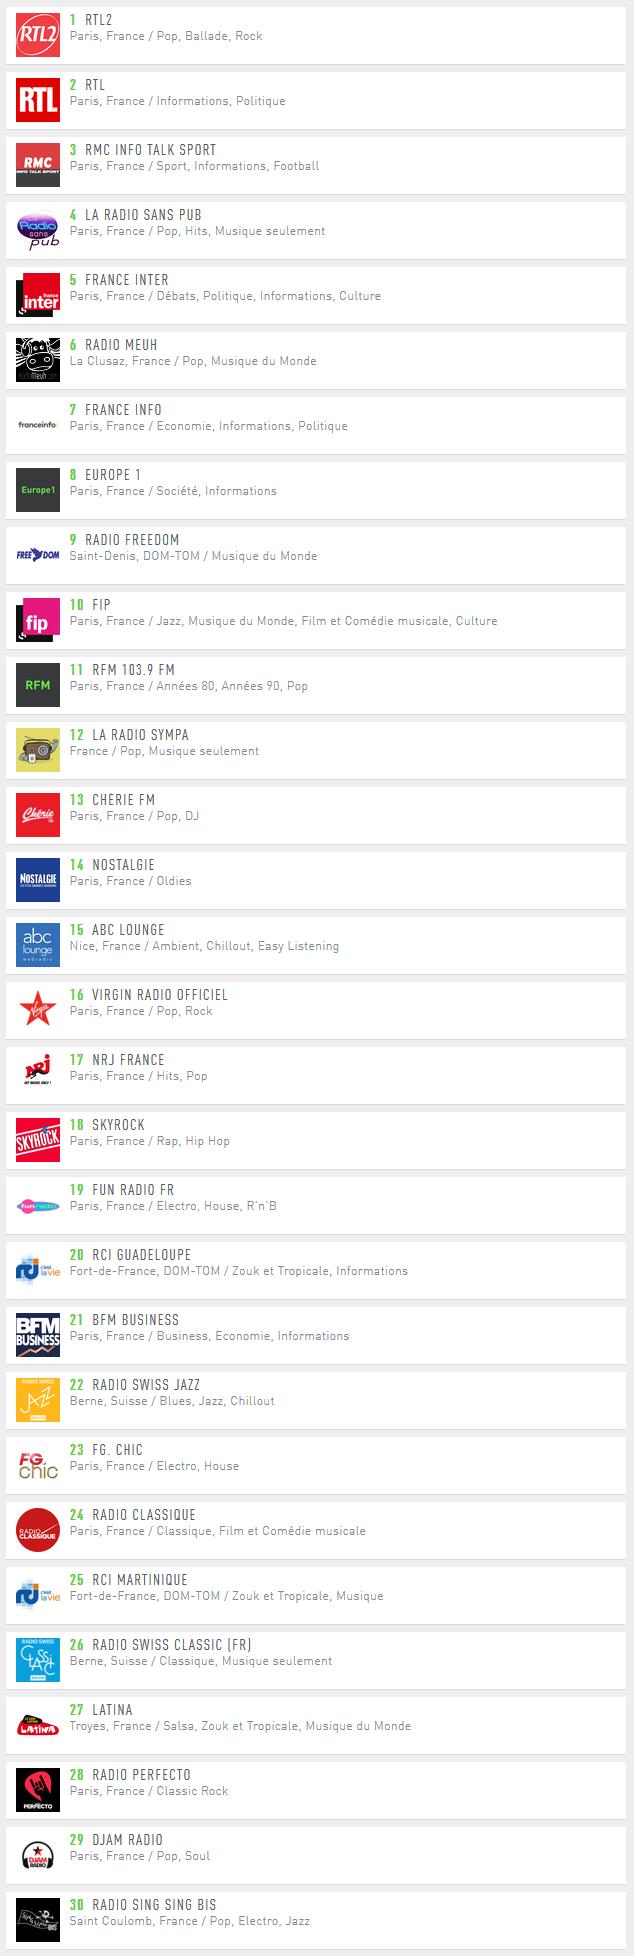 Radio.fr - TOP 30 des radios digitales en Septembre 2019